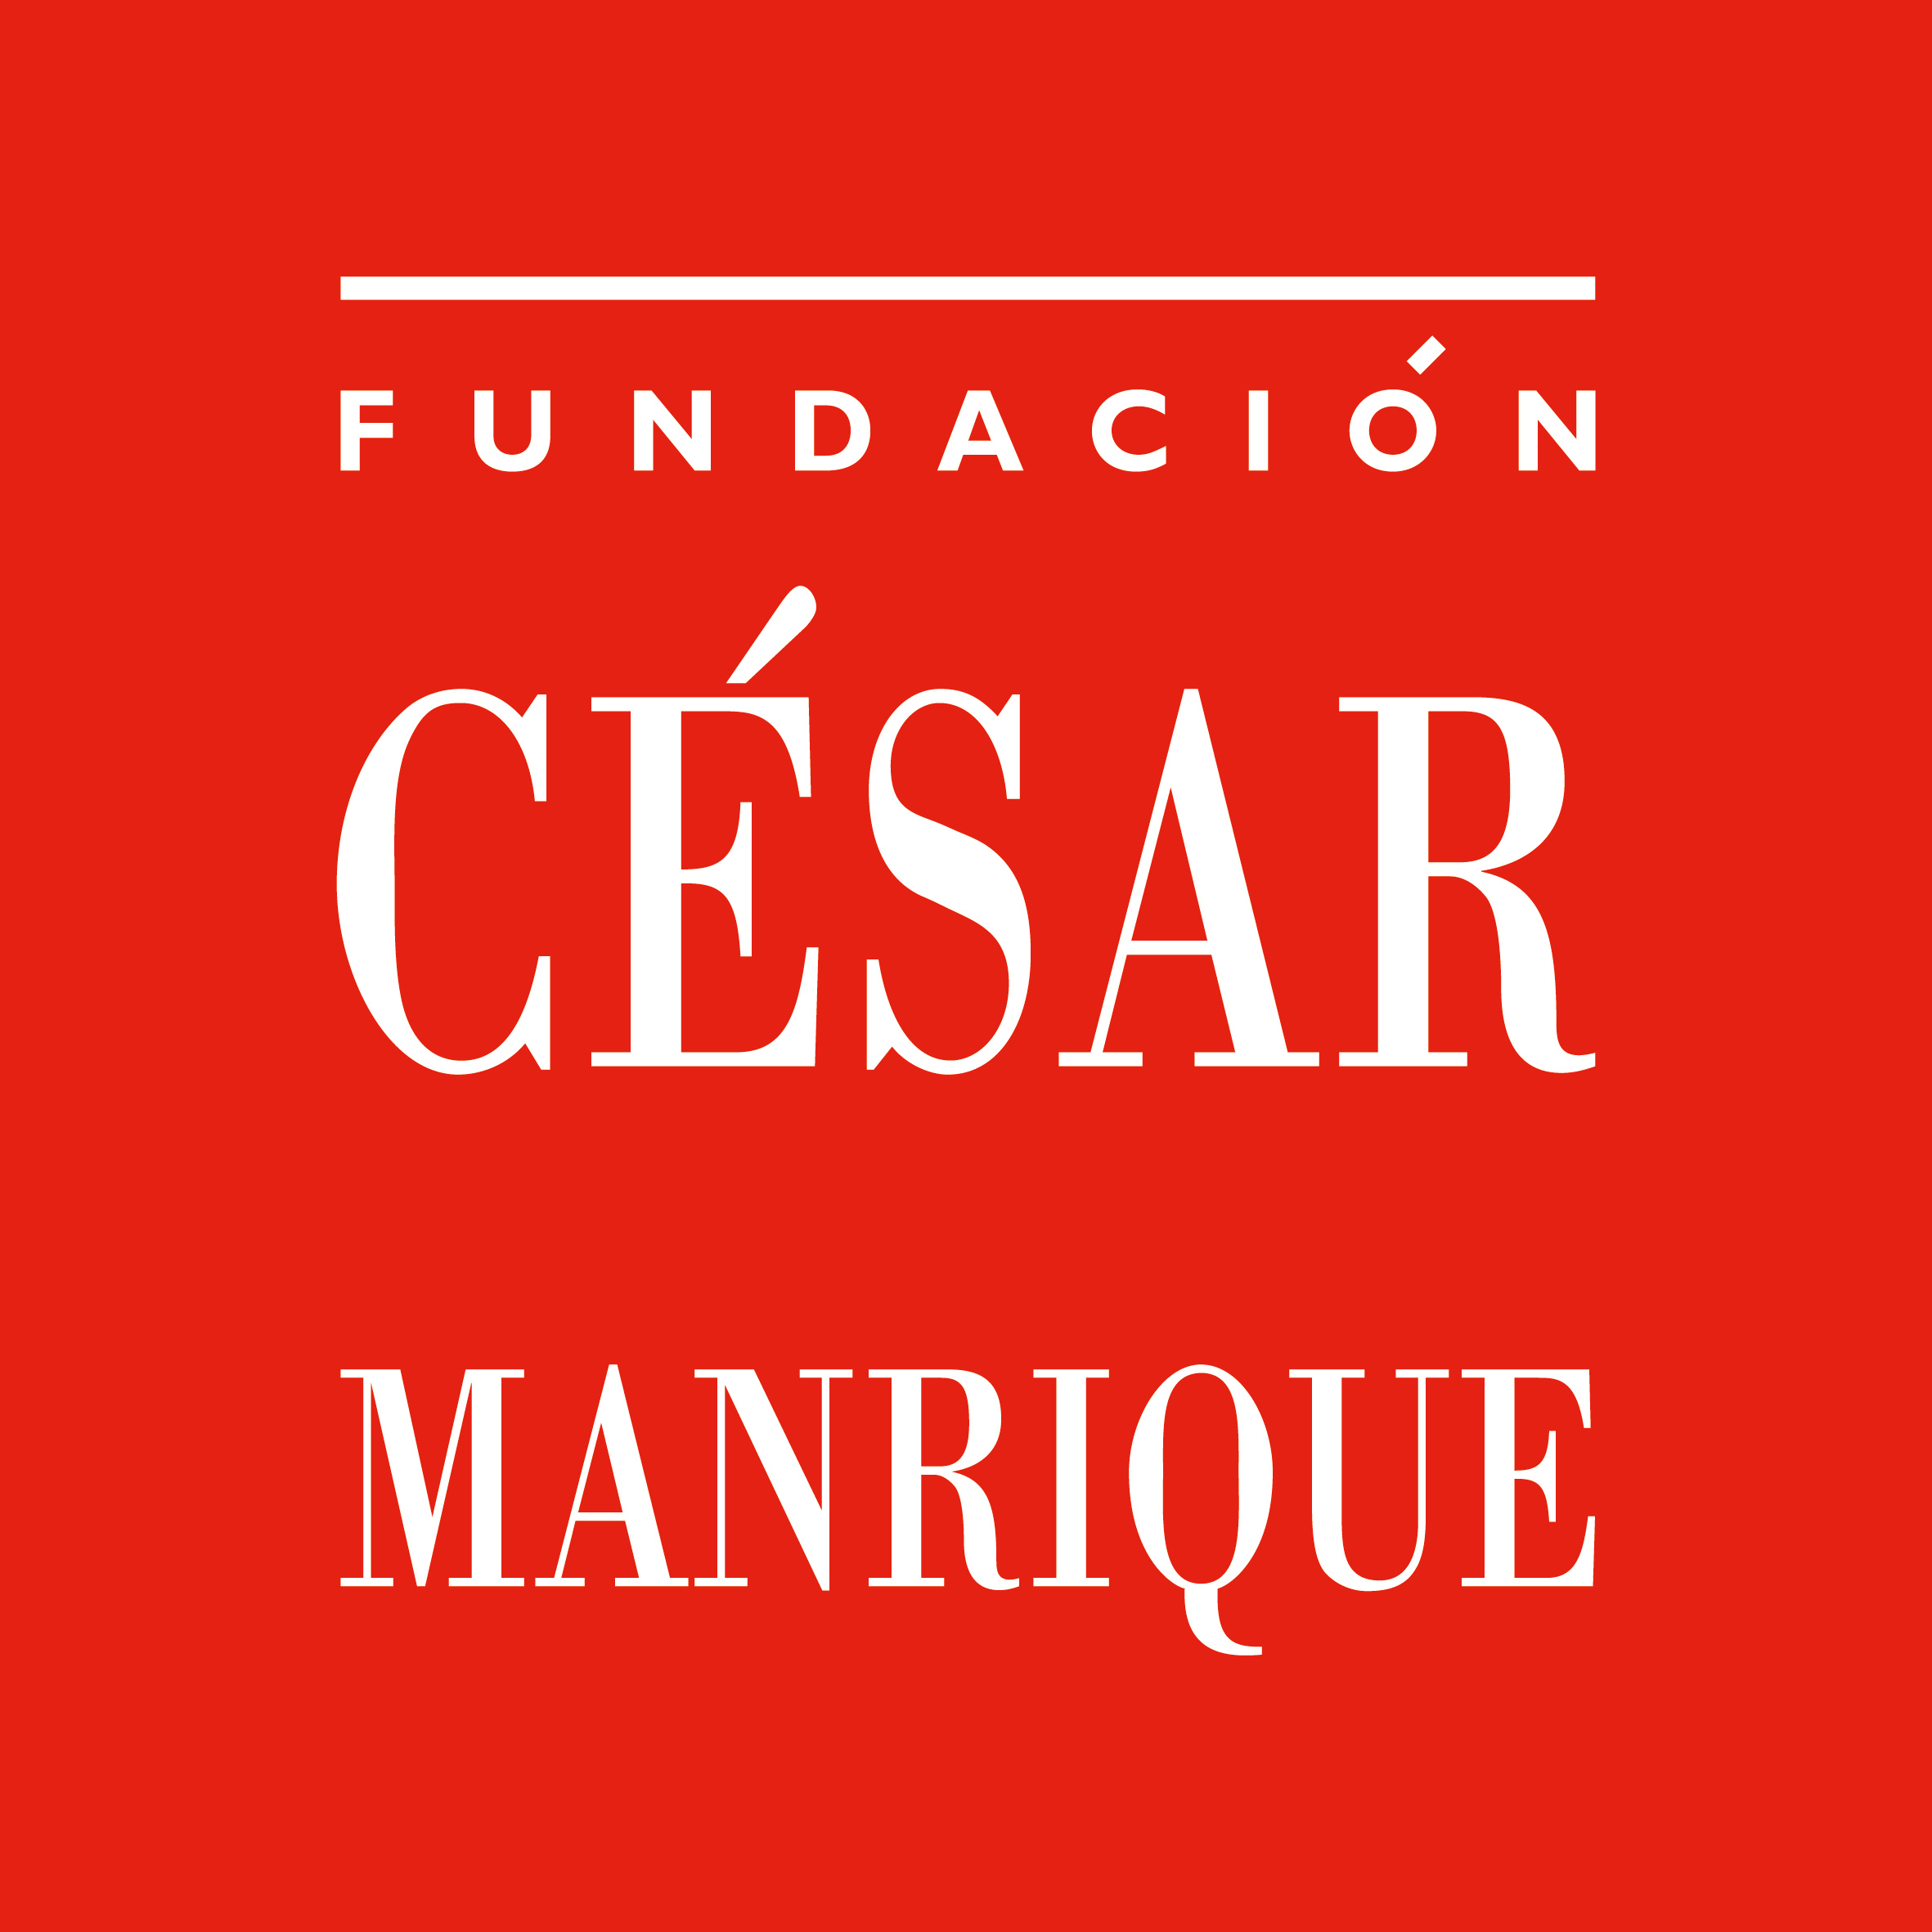 La Fundación César Manrique organiza una retrospectiva de cine medioambiental con proyecciones durante los días 4, 5, 6 y 7 en los Cines Atlántida, además de una mesa redonda, en el marco del centenario del nacimiento de su fundador